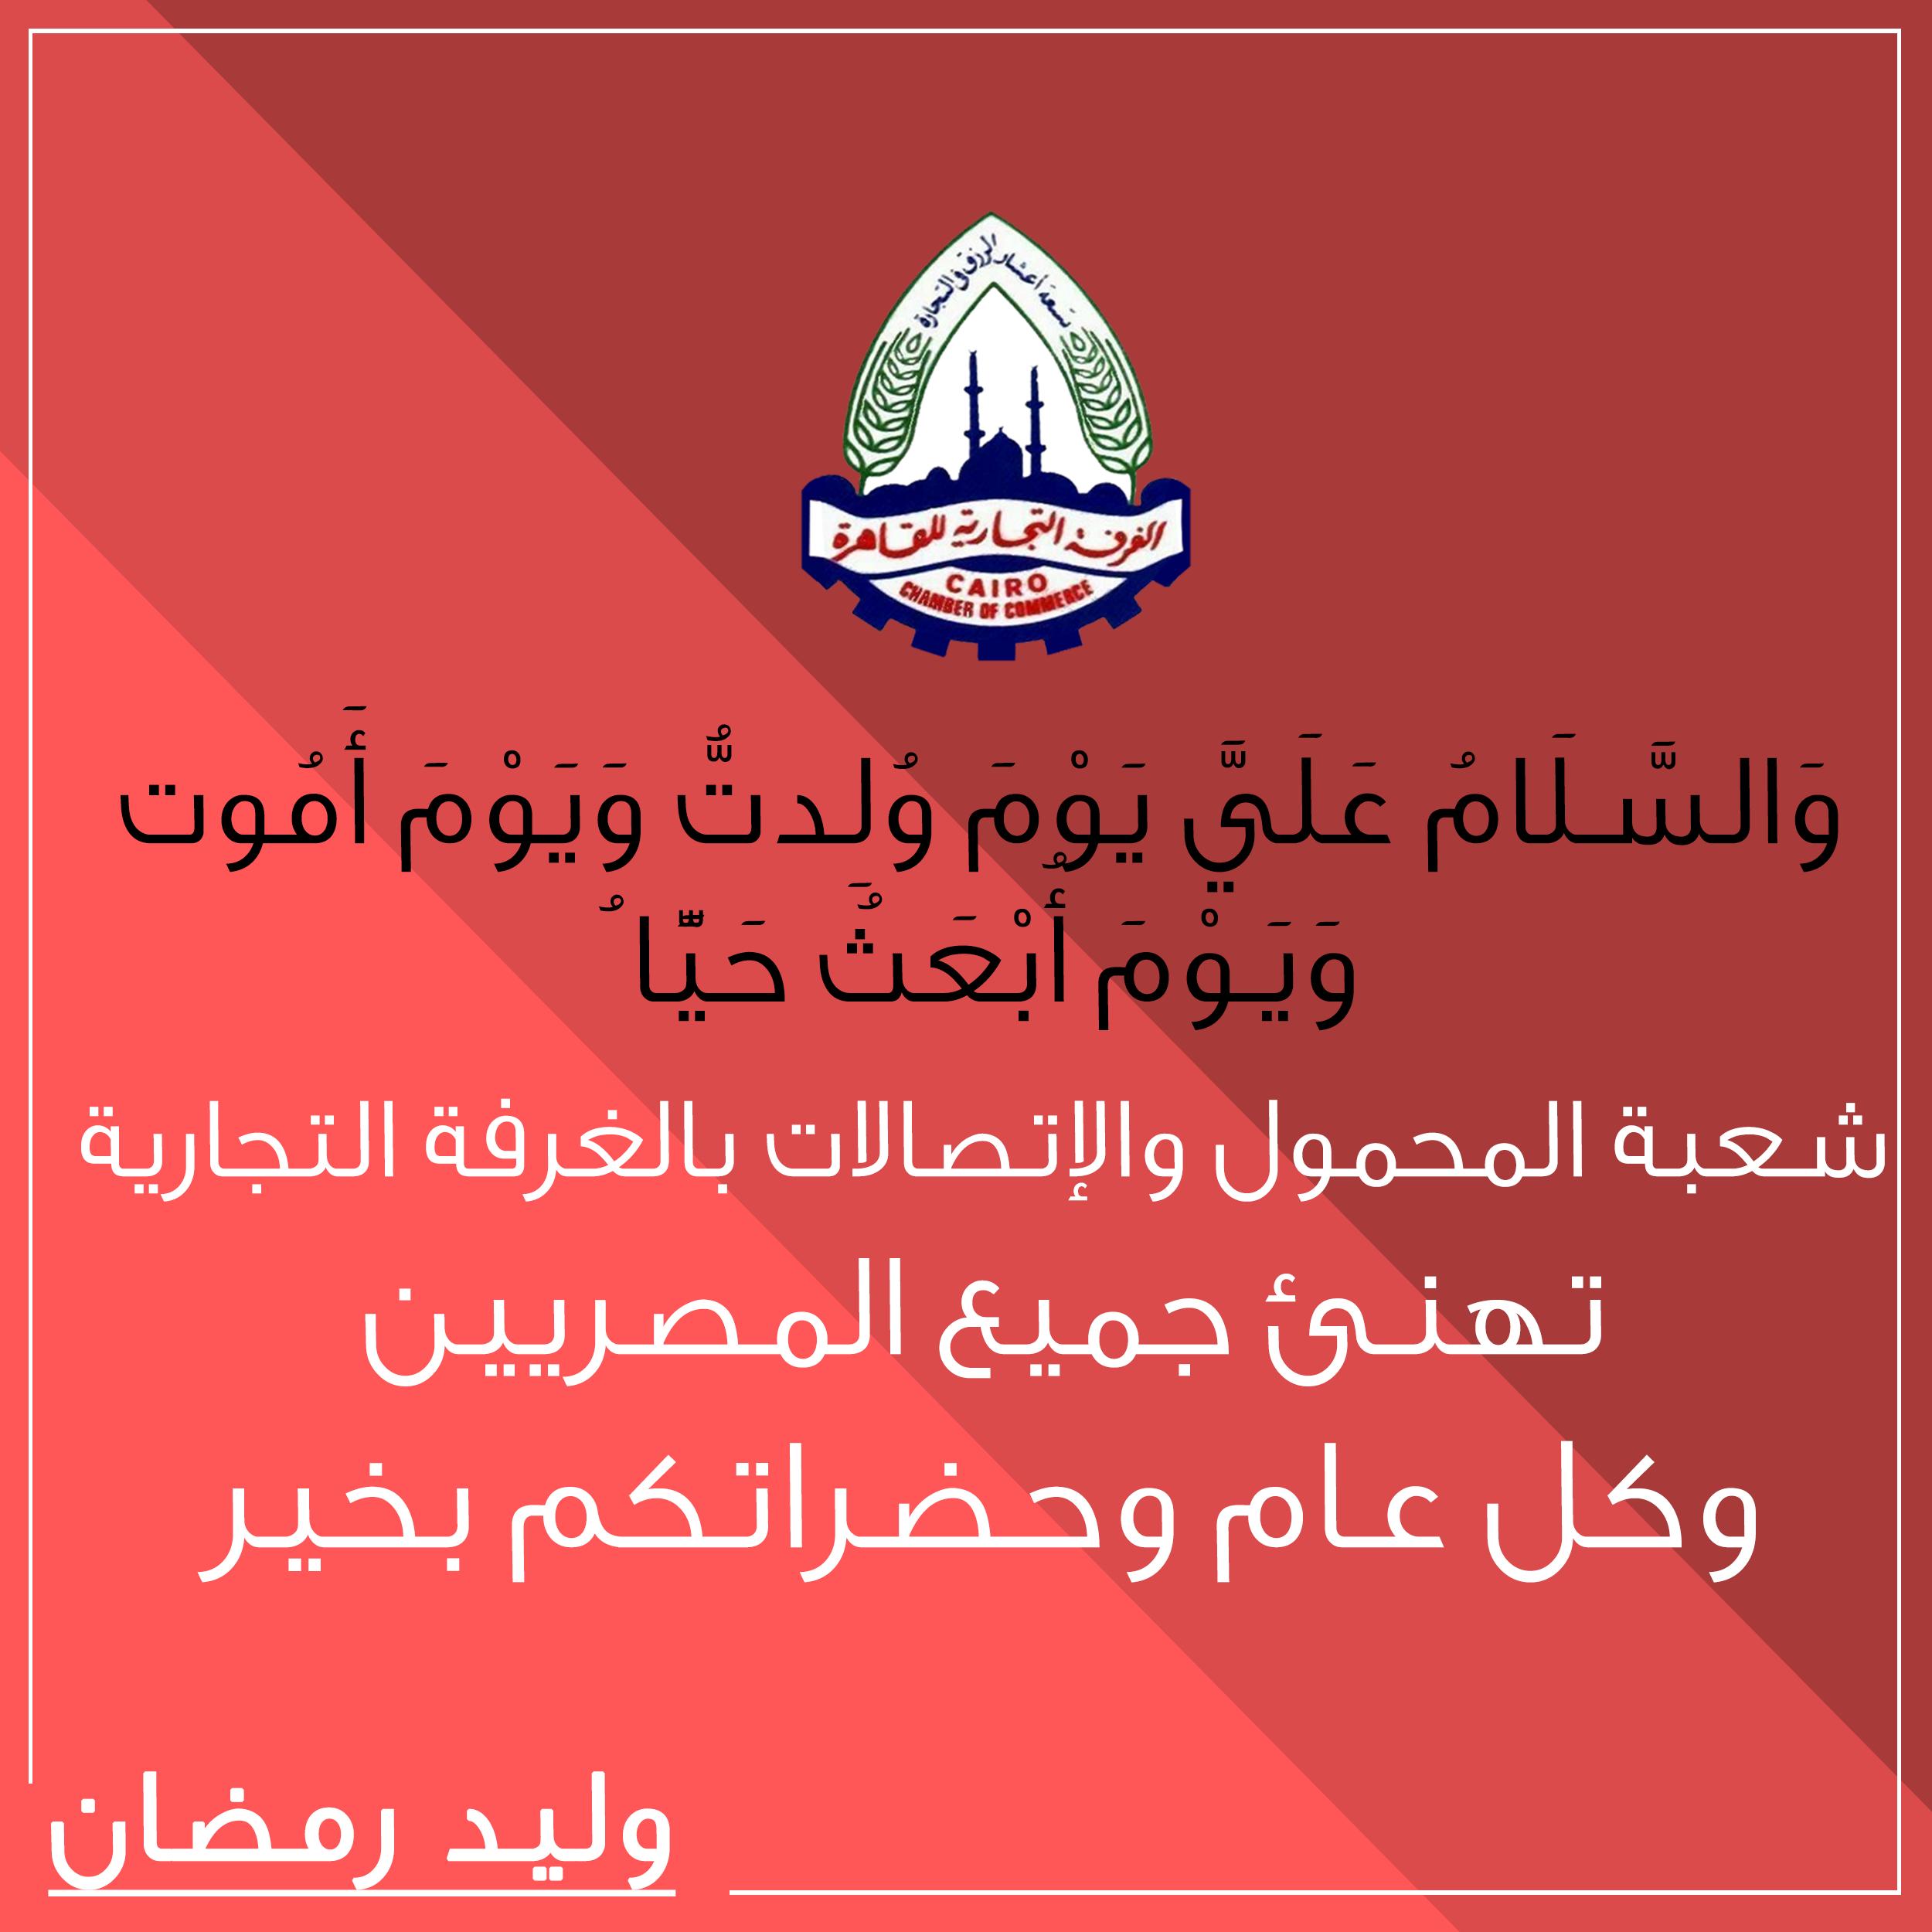 تهنئة لكل المصريين